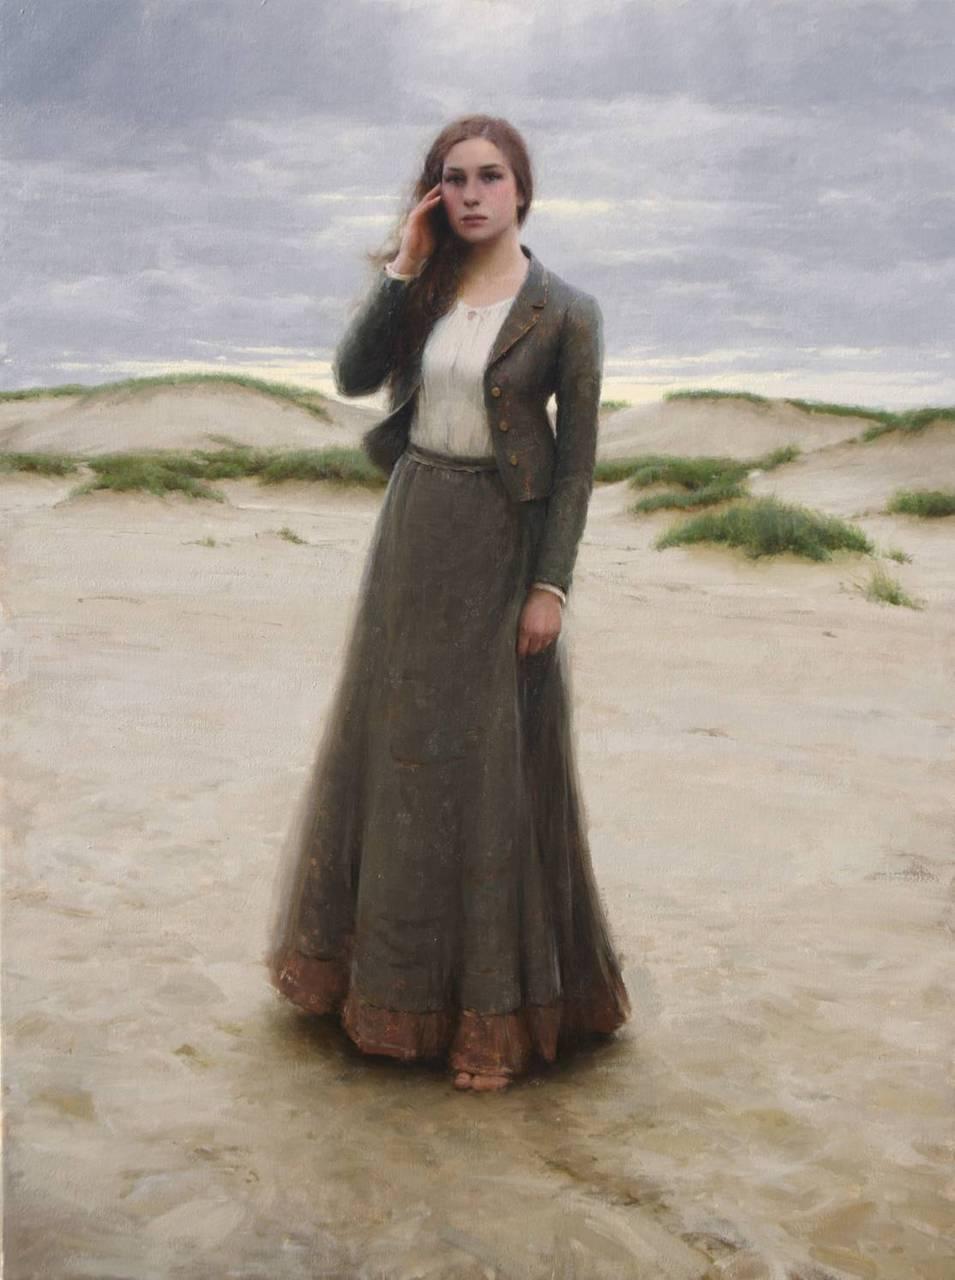 《少女大盗》中的那幅叫孤独的少女的油画